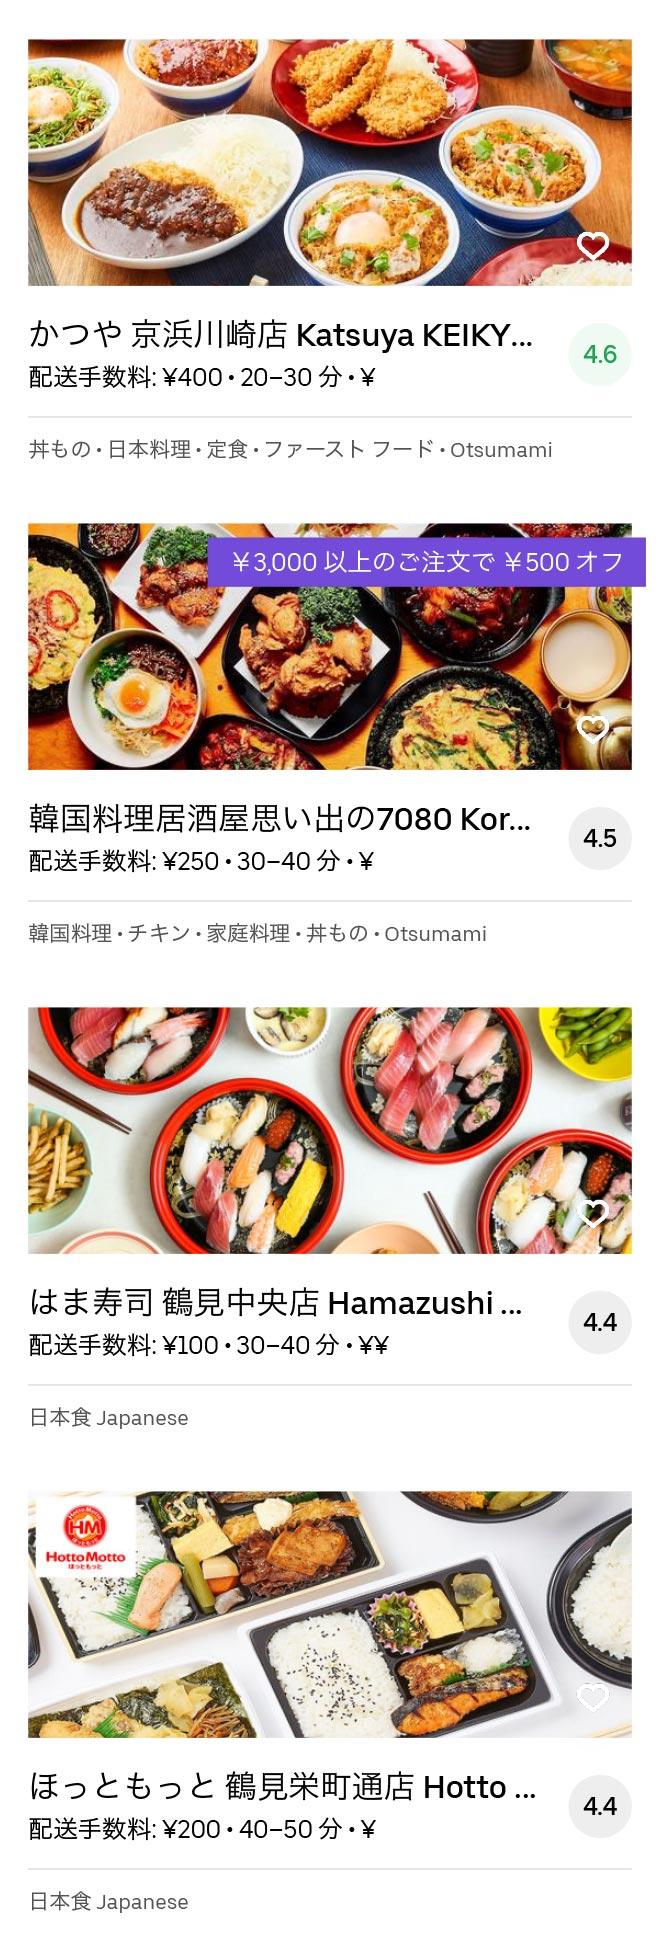 Yokohama tsurumi menu 2004 08